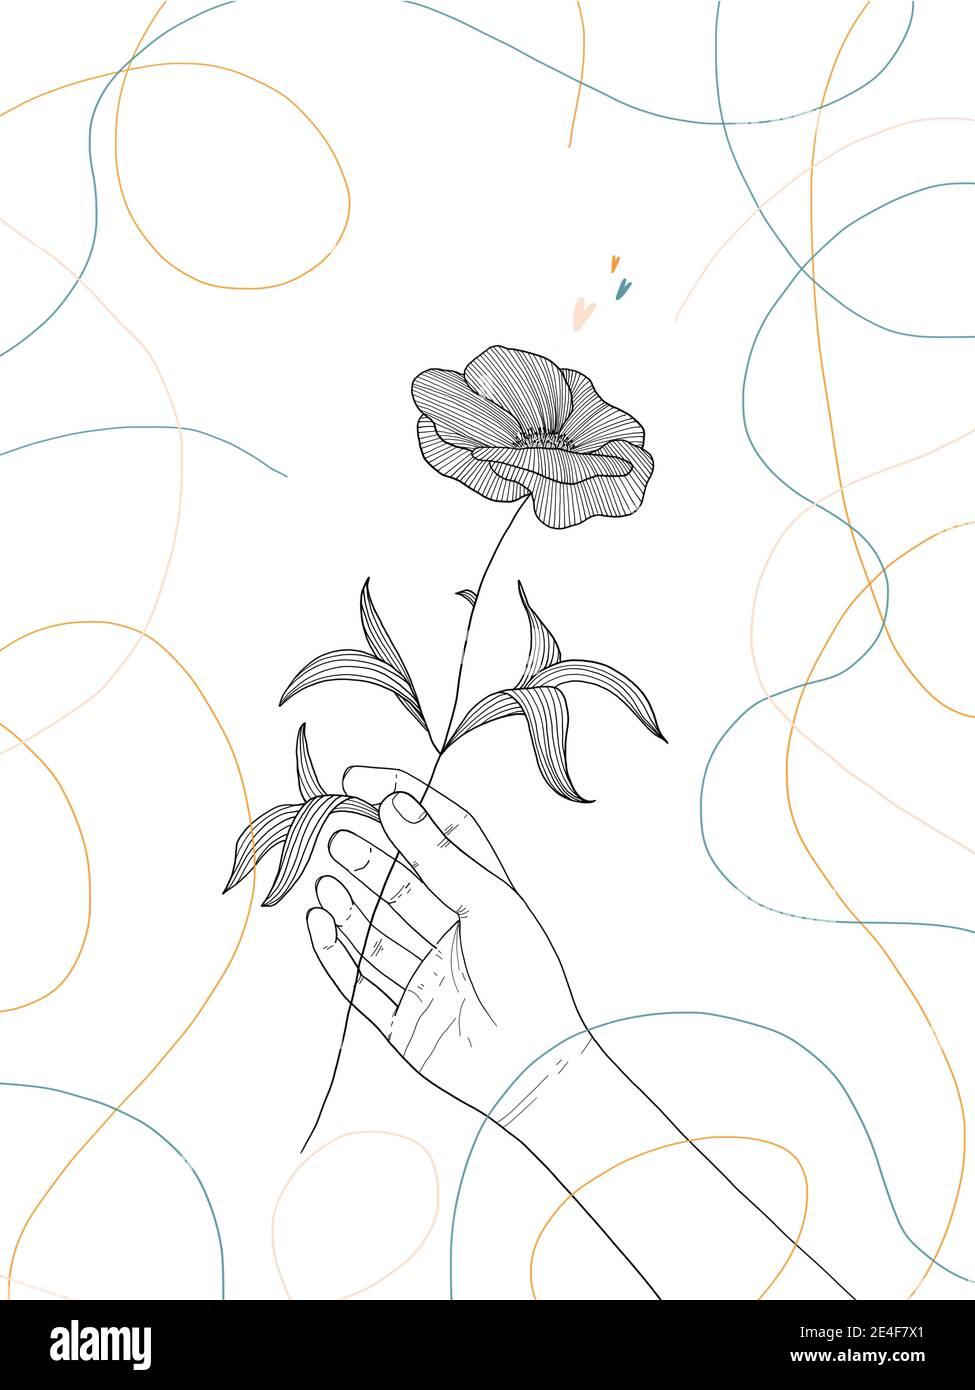 Dibujo a mano ilustración de una mano humana sosteniendo una flor Foto de stock